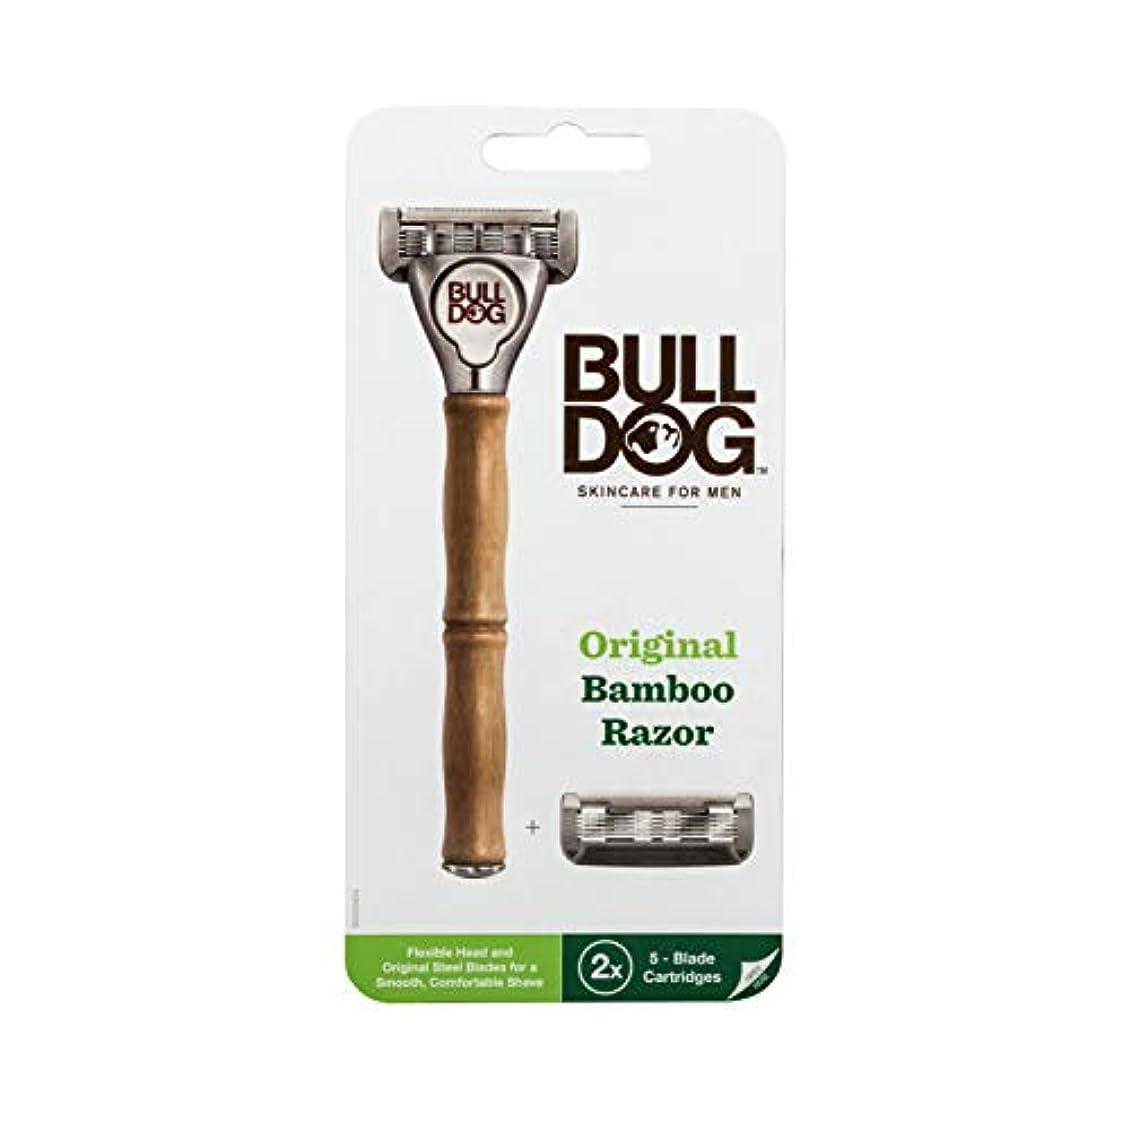 十二スチュワーデス広告Bulldog(ブルドッグ) ブルドッグ Bulldog 5枚刃 オリジナルバンブーホルダー 水に強い竹製ハンドル 替刃 2コ付 男性カミソリ ホルダー(1本)、替刃2コ付き(内1コ本体装着済み)